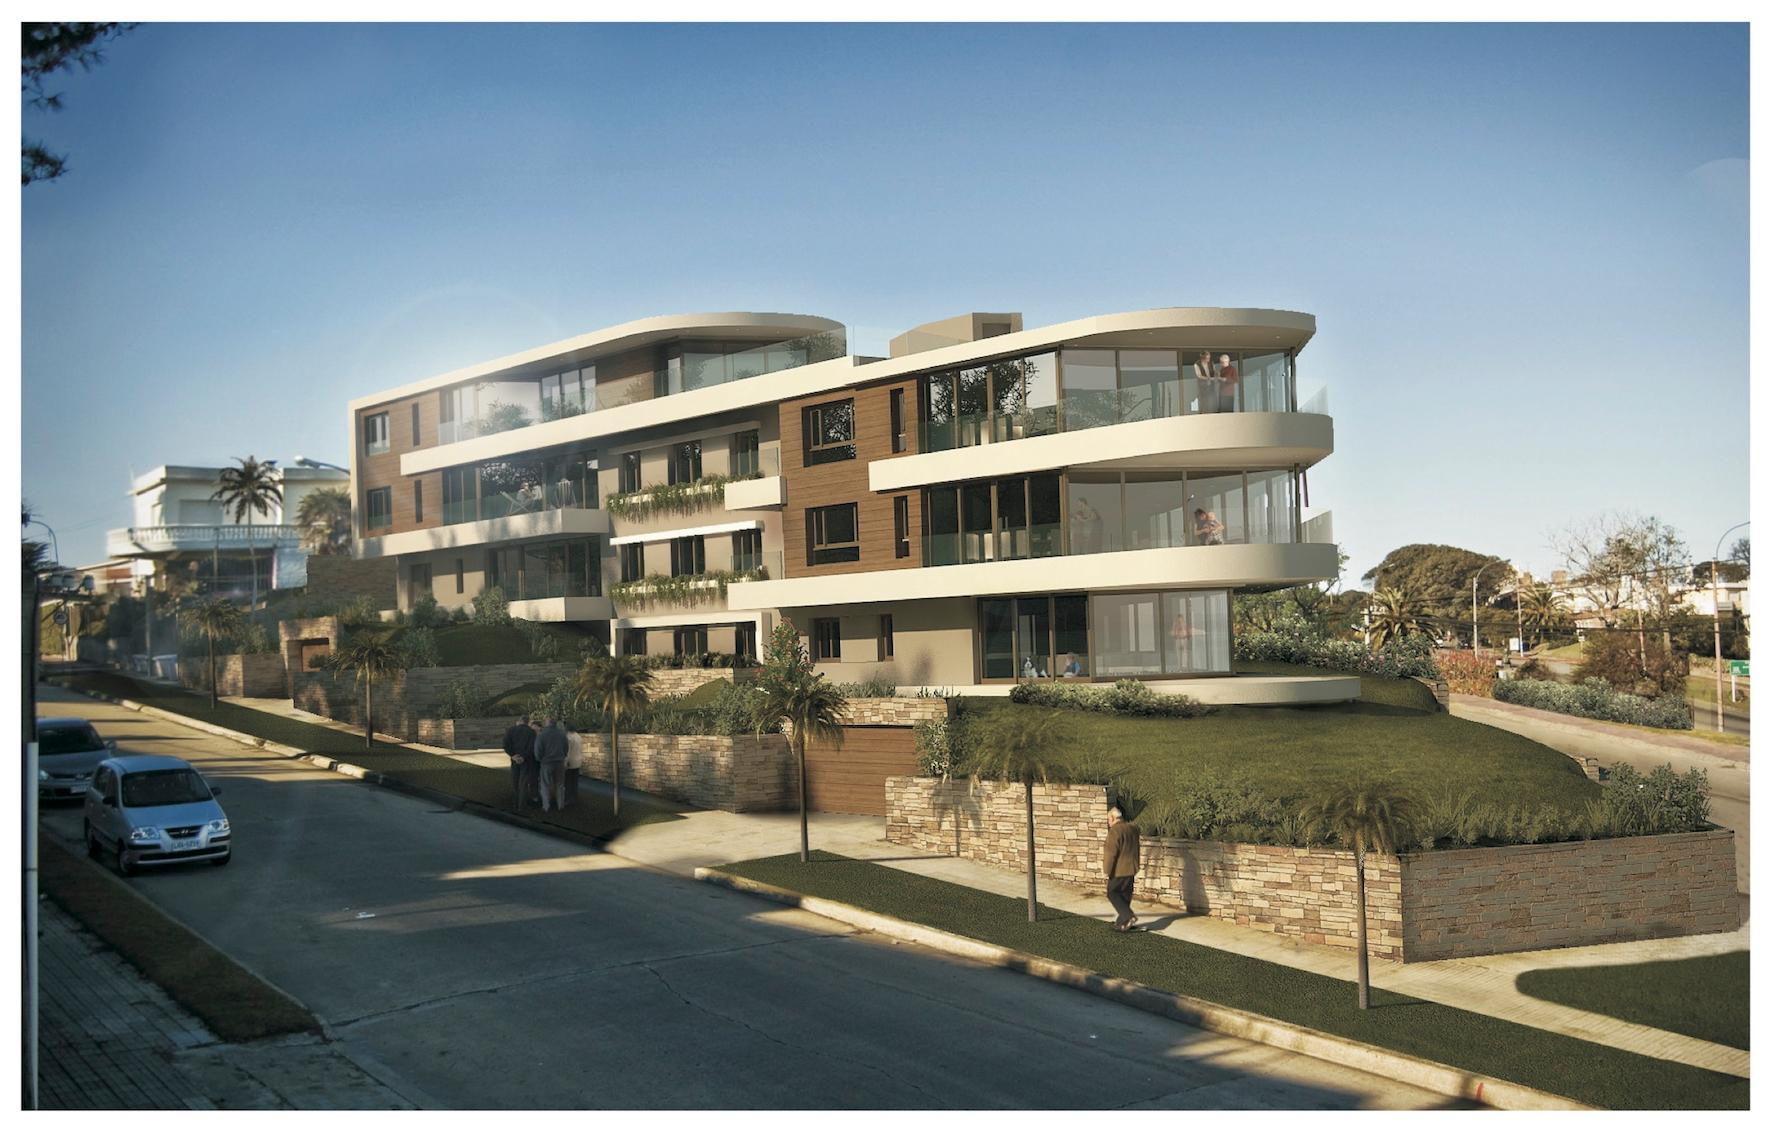 Apartamento por un Venta en Motivos de Proteo 101 Motivos de Proteo y Brenda Montevideo, Montevideo 11500 Uruguay